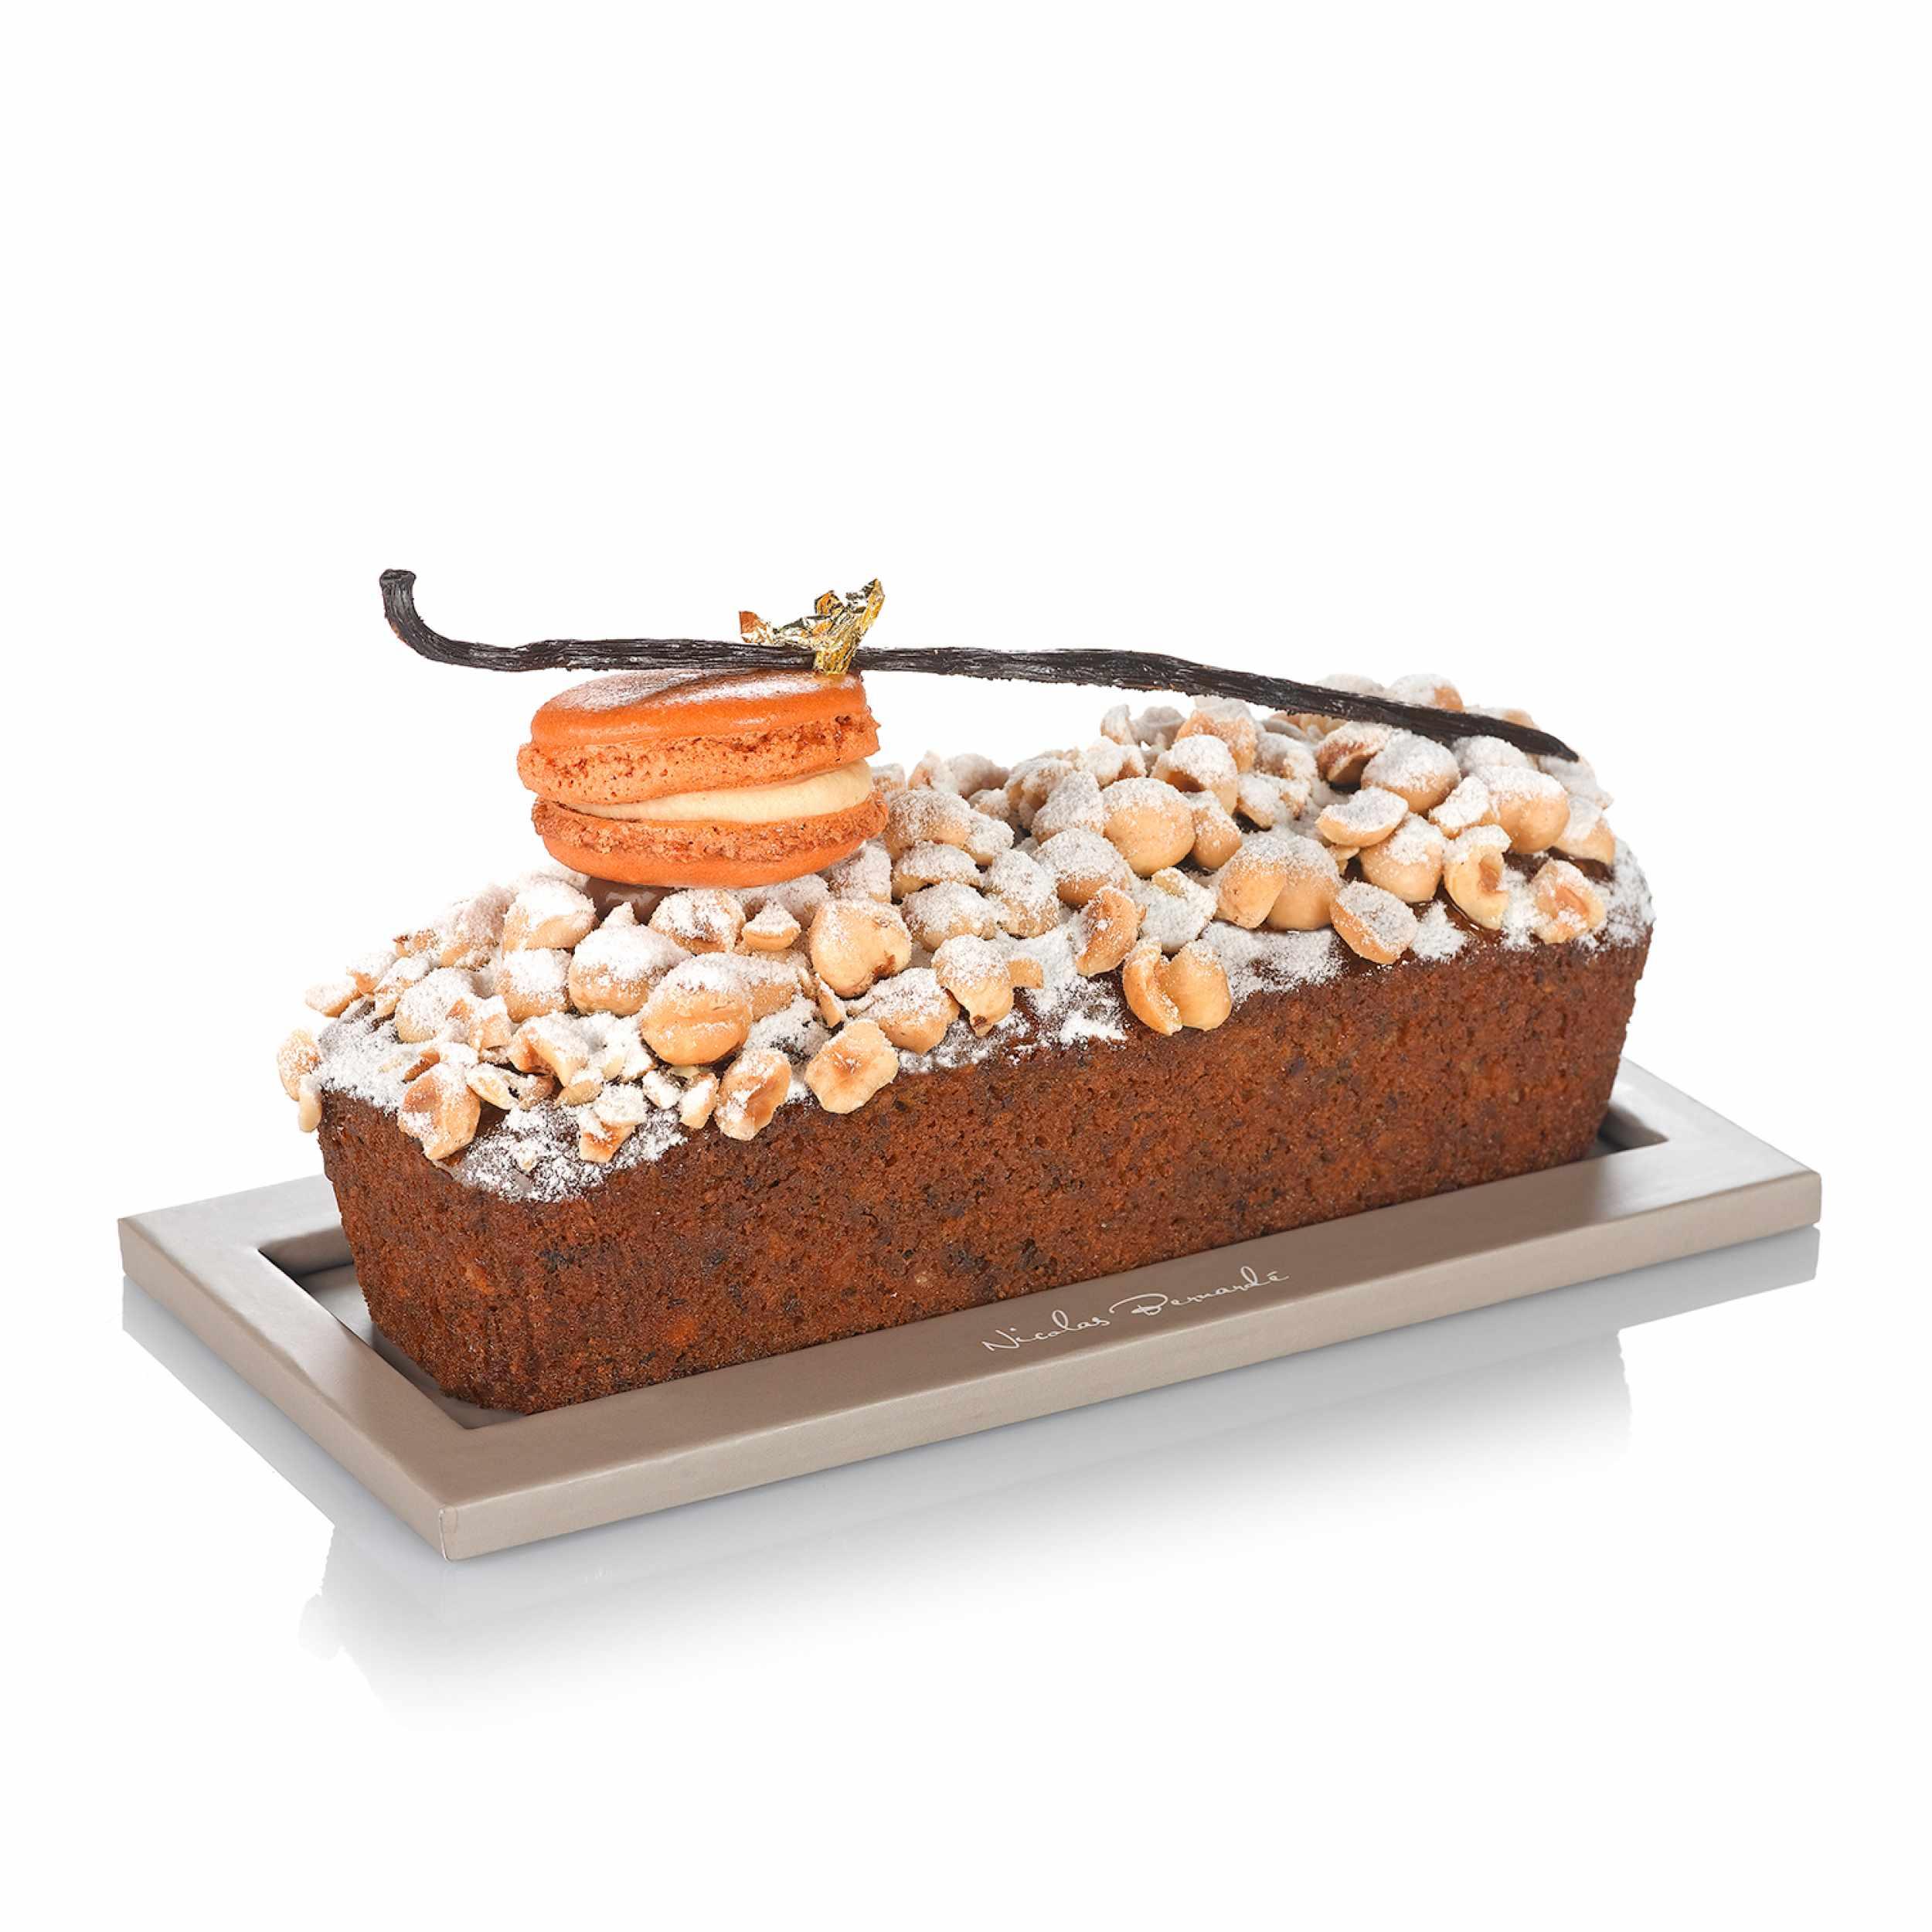 cake-cafe-noisette.jpg